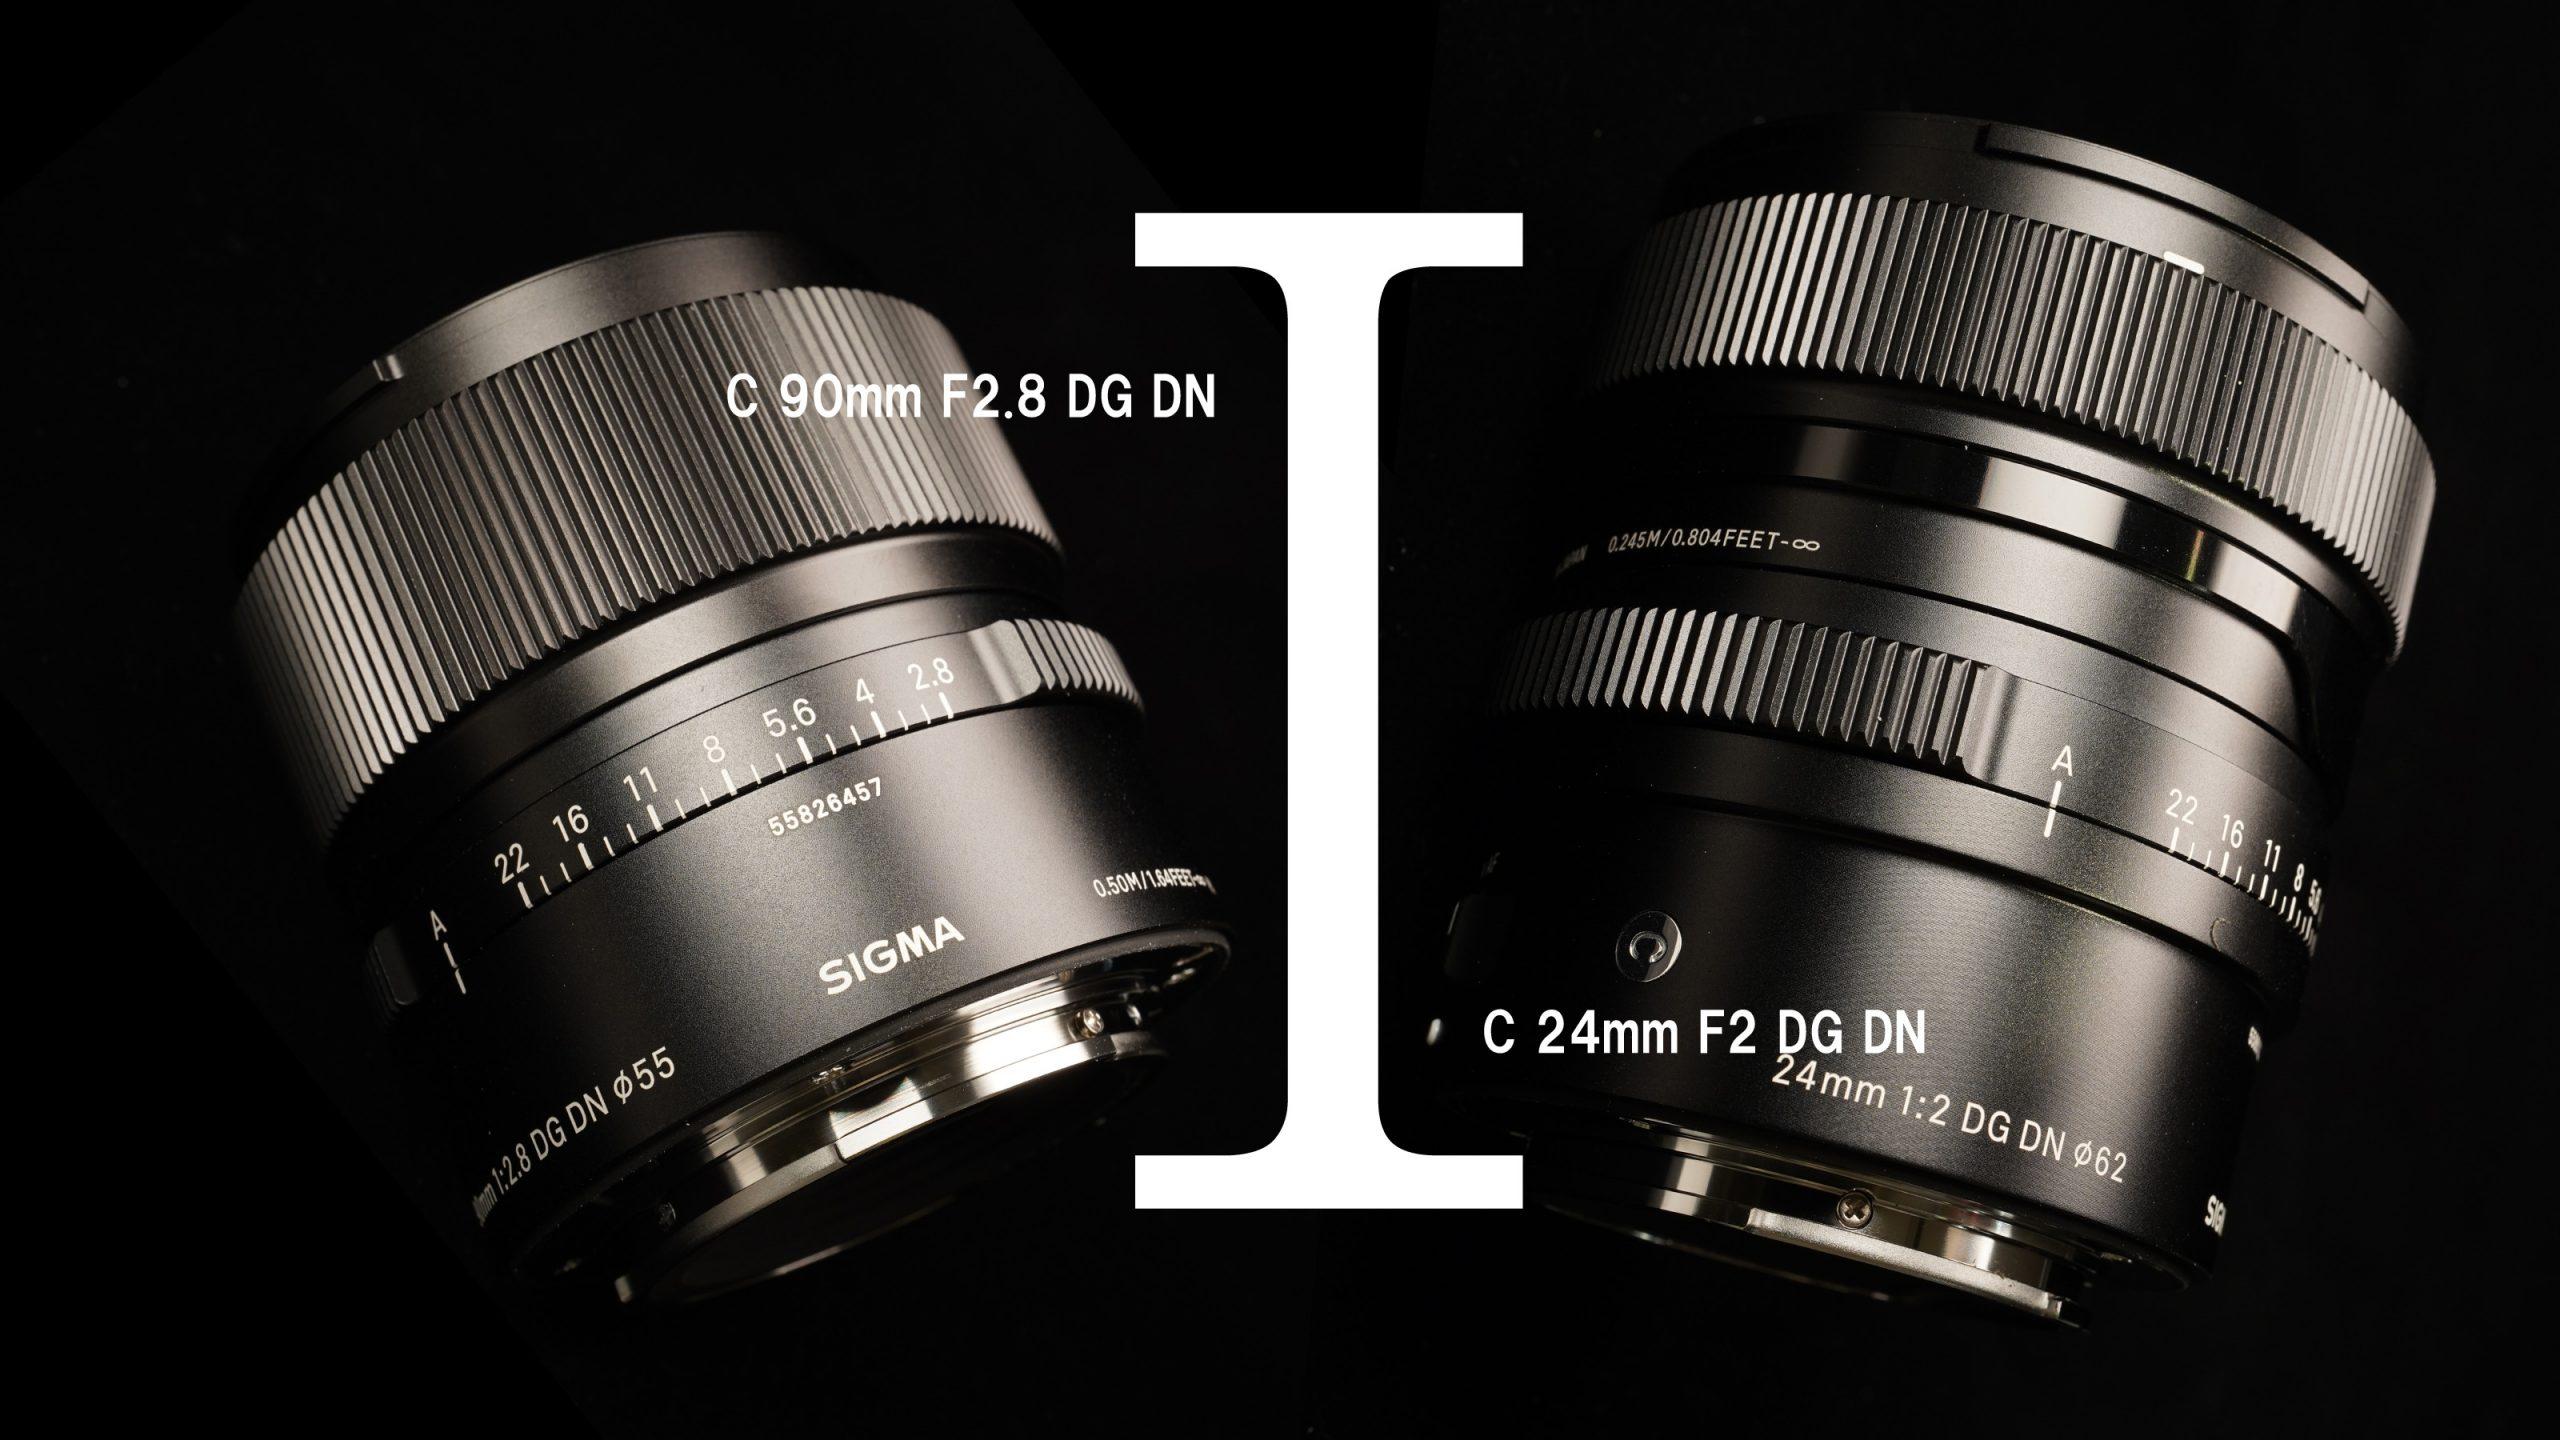 【SIGMA】「C 90mm F2.8 DG DN」&「C 24mm F2 DG DN」ファーストインプレッション【作例あり】